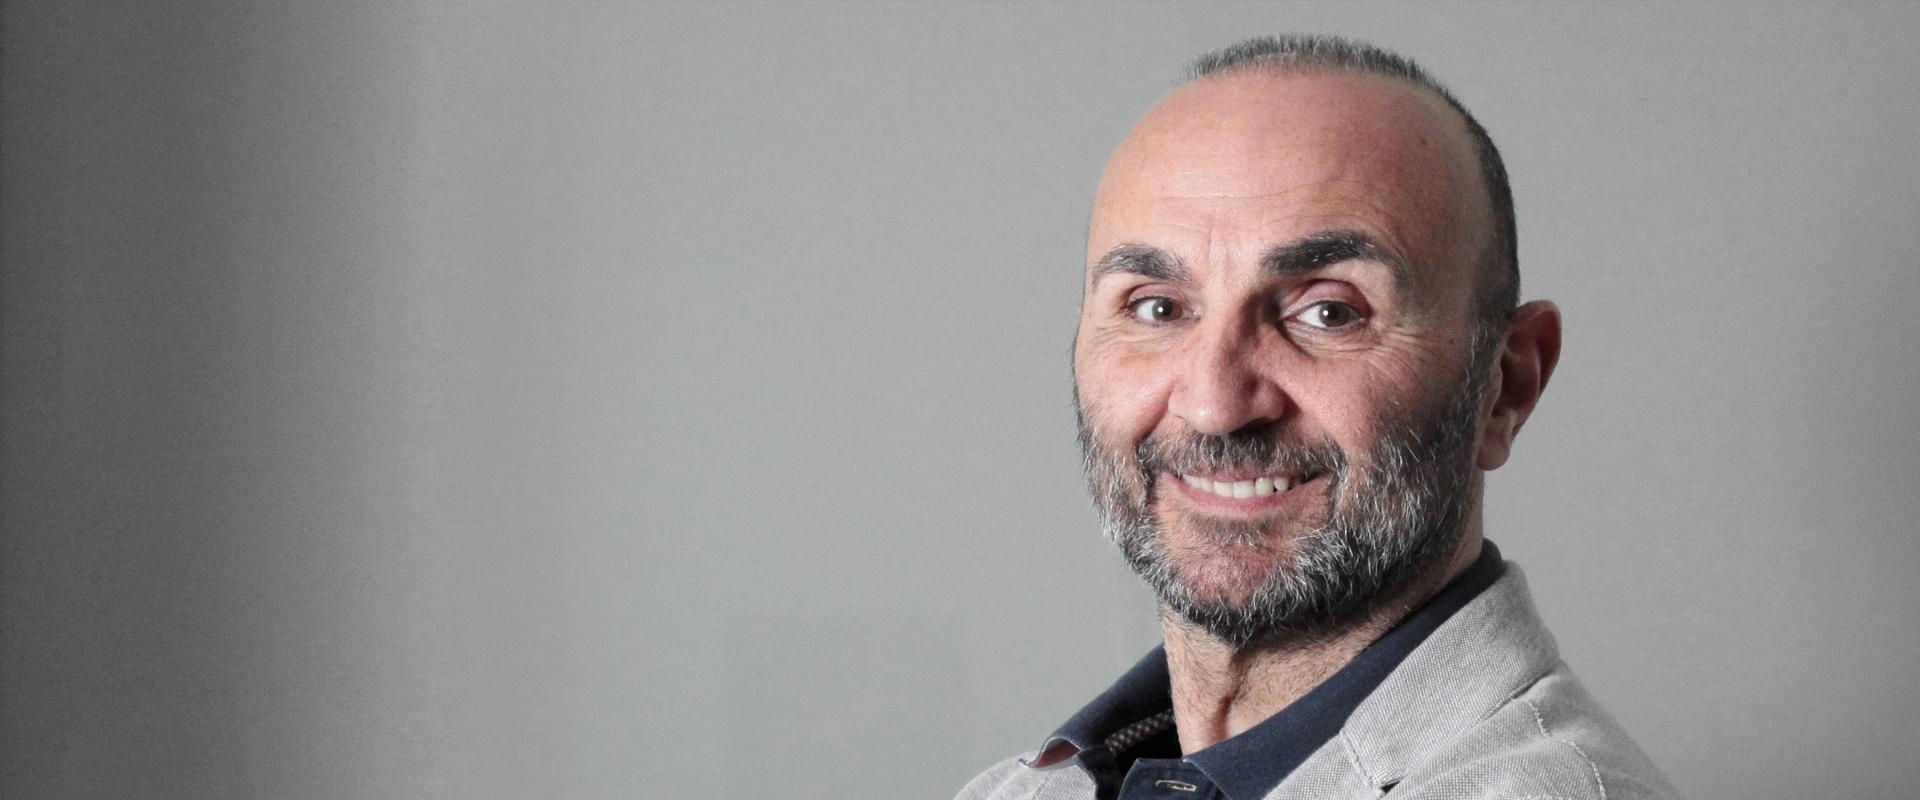 Mauro Rana